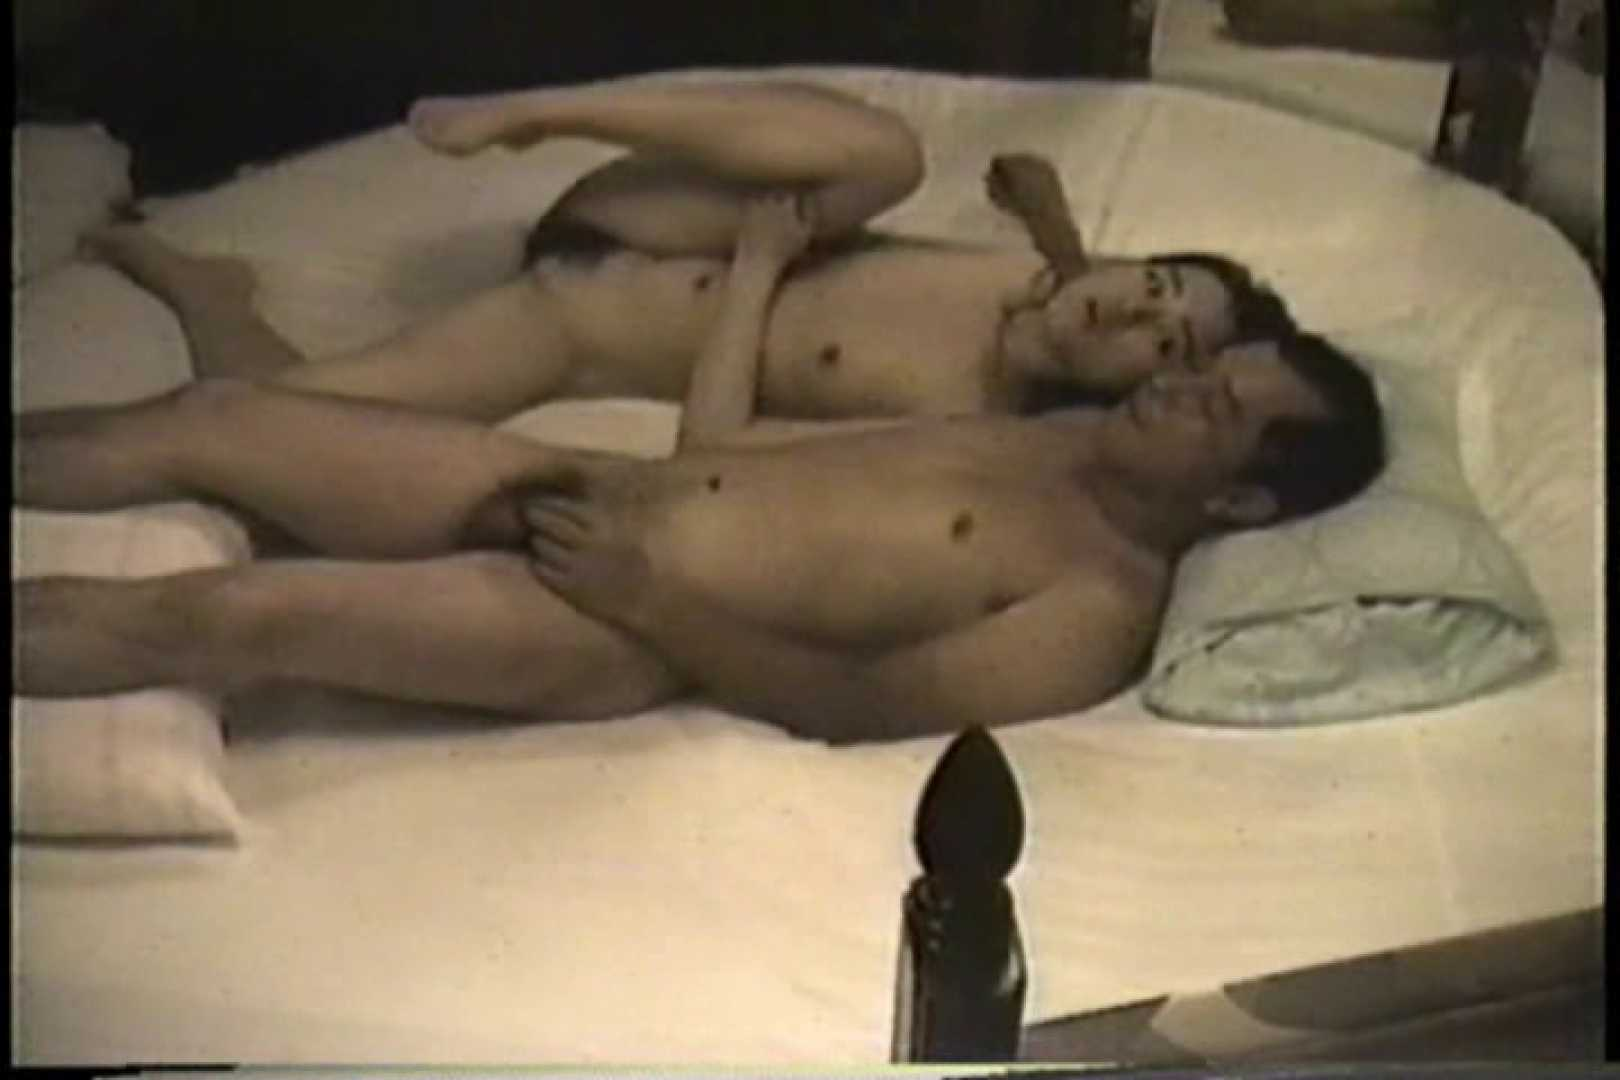 実録!ラブホテル~消し忘れ注意!昭和の色編~ vol.26 ラブホテル | SEX画像  40PICs 22